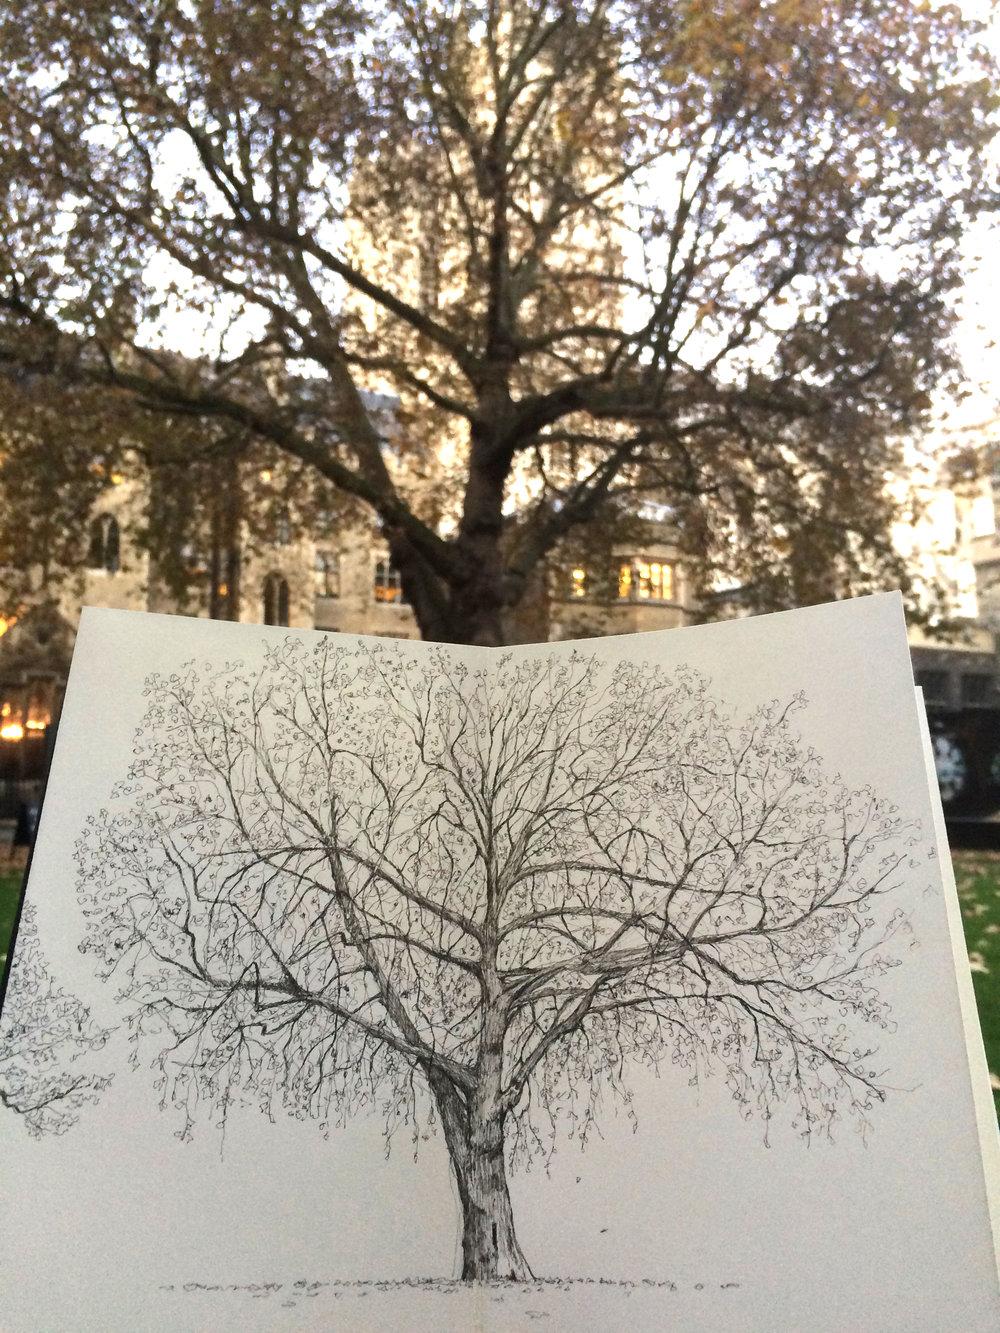 Deans Yard Tree Luke Adam Hawker on location.jpg